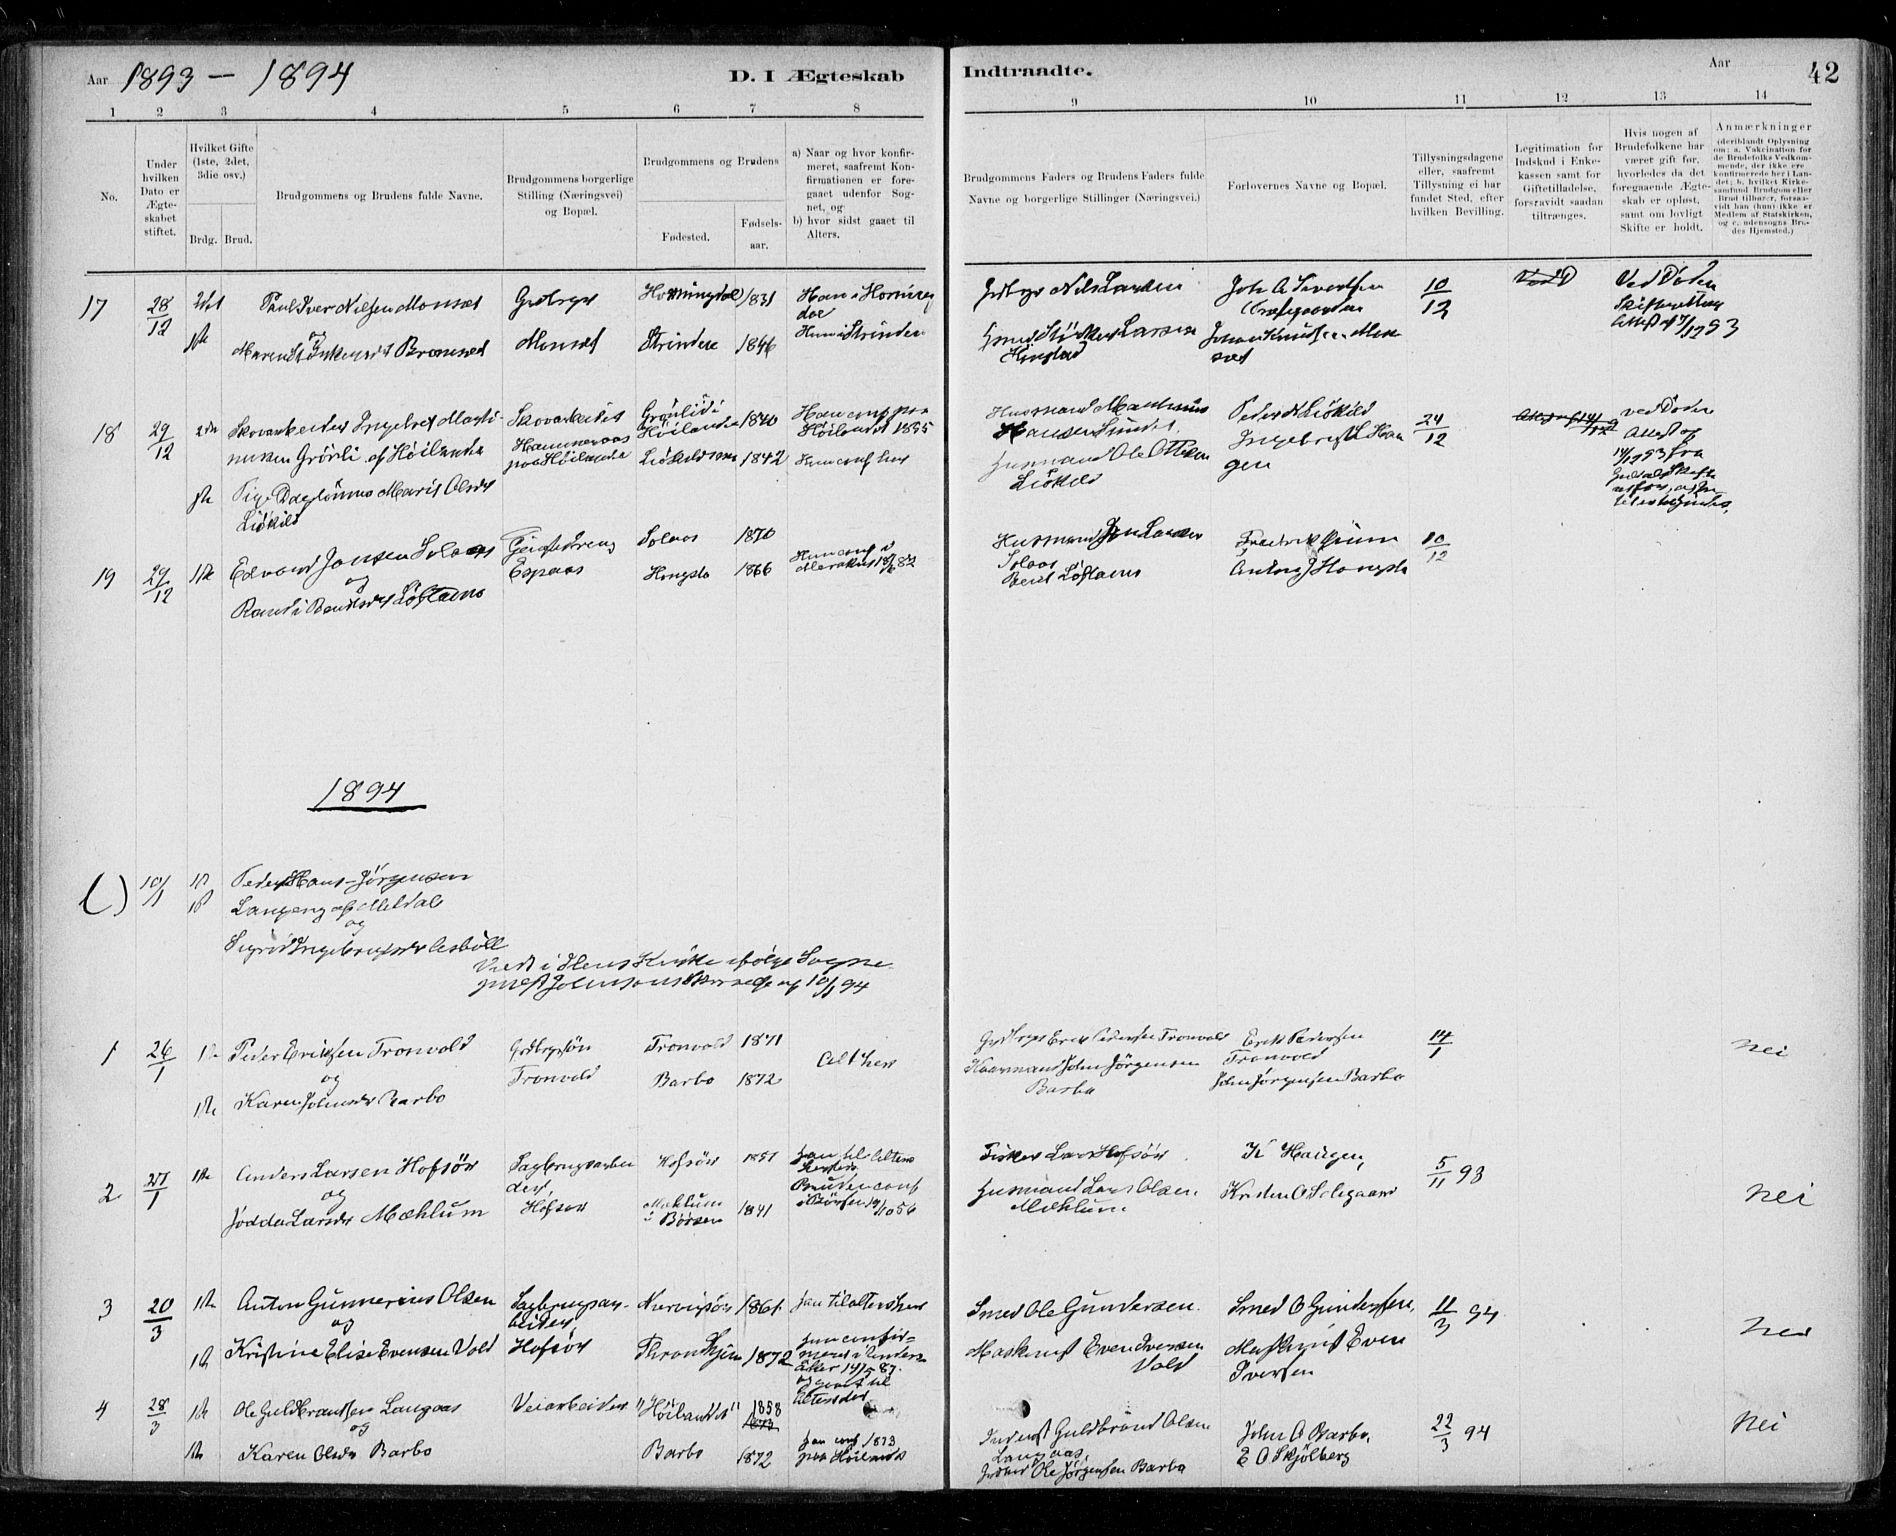 SAT, Ministerialprotokoller, klokkerbøker og fødselsregistre - Sør-Trøndelag, 668/L0810: Ministerialbok nr. 668A10, 1881-1894, s. 42